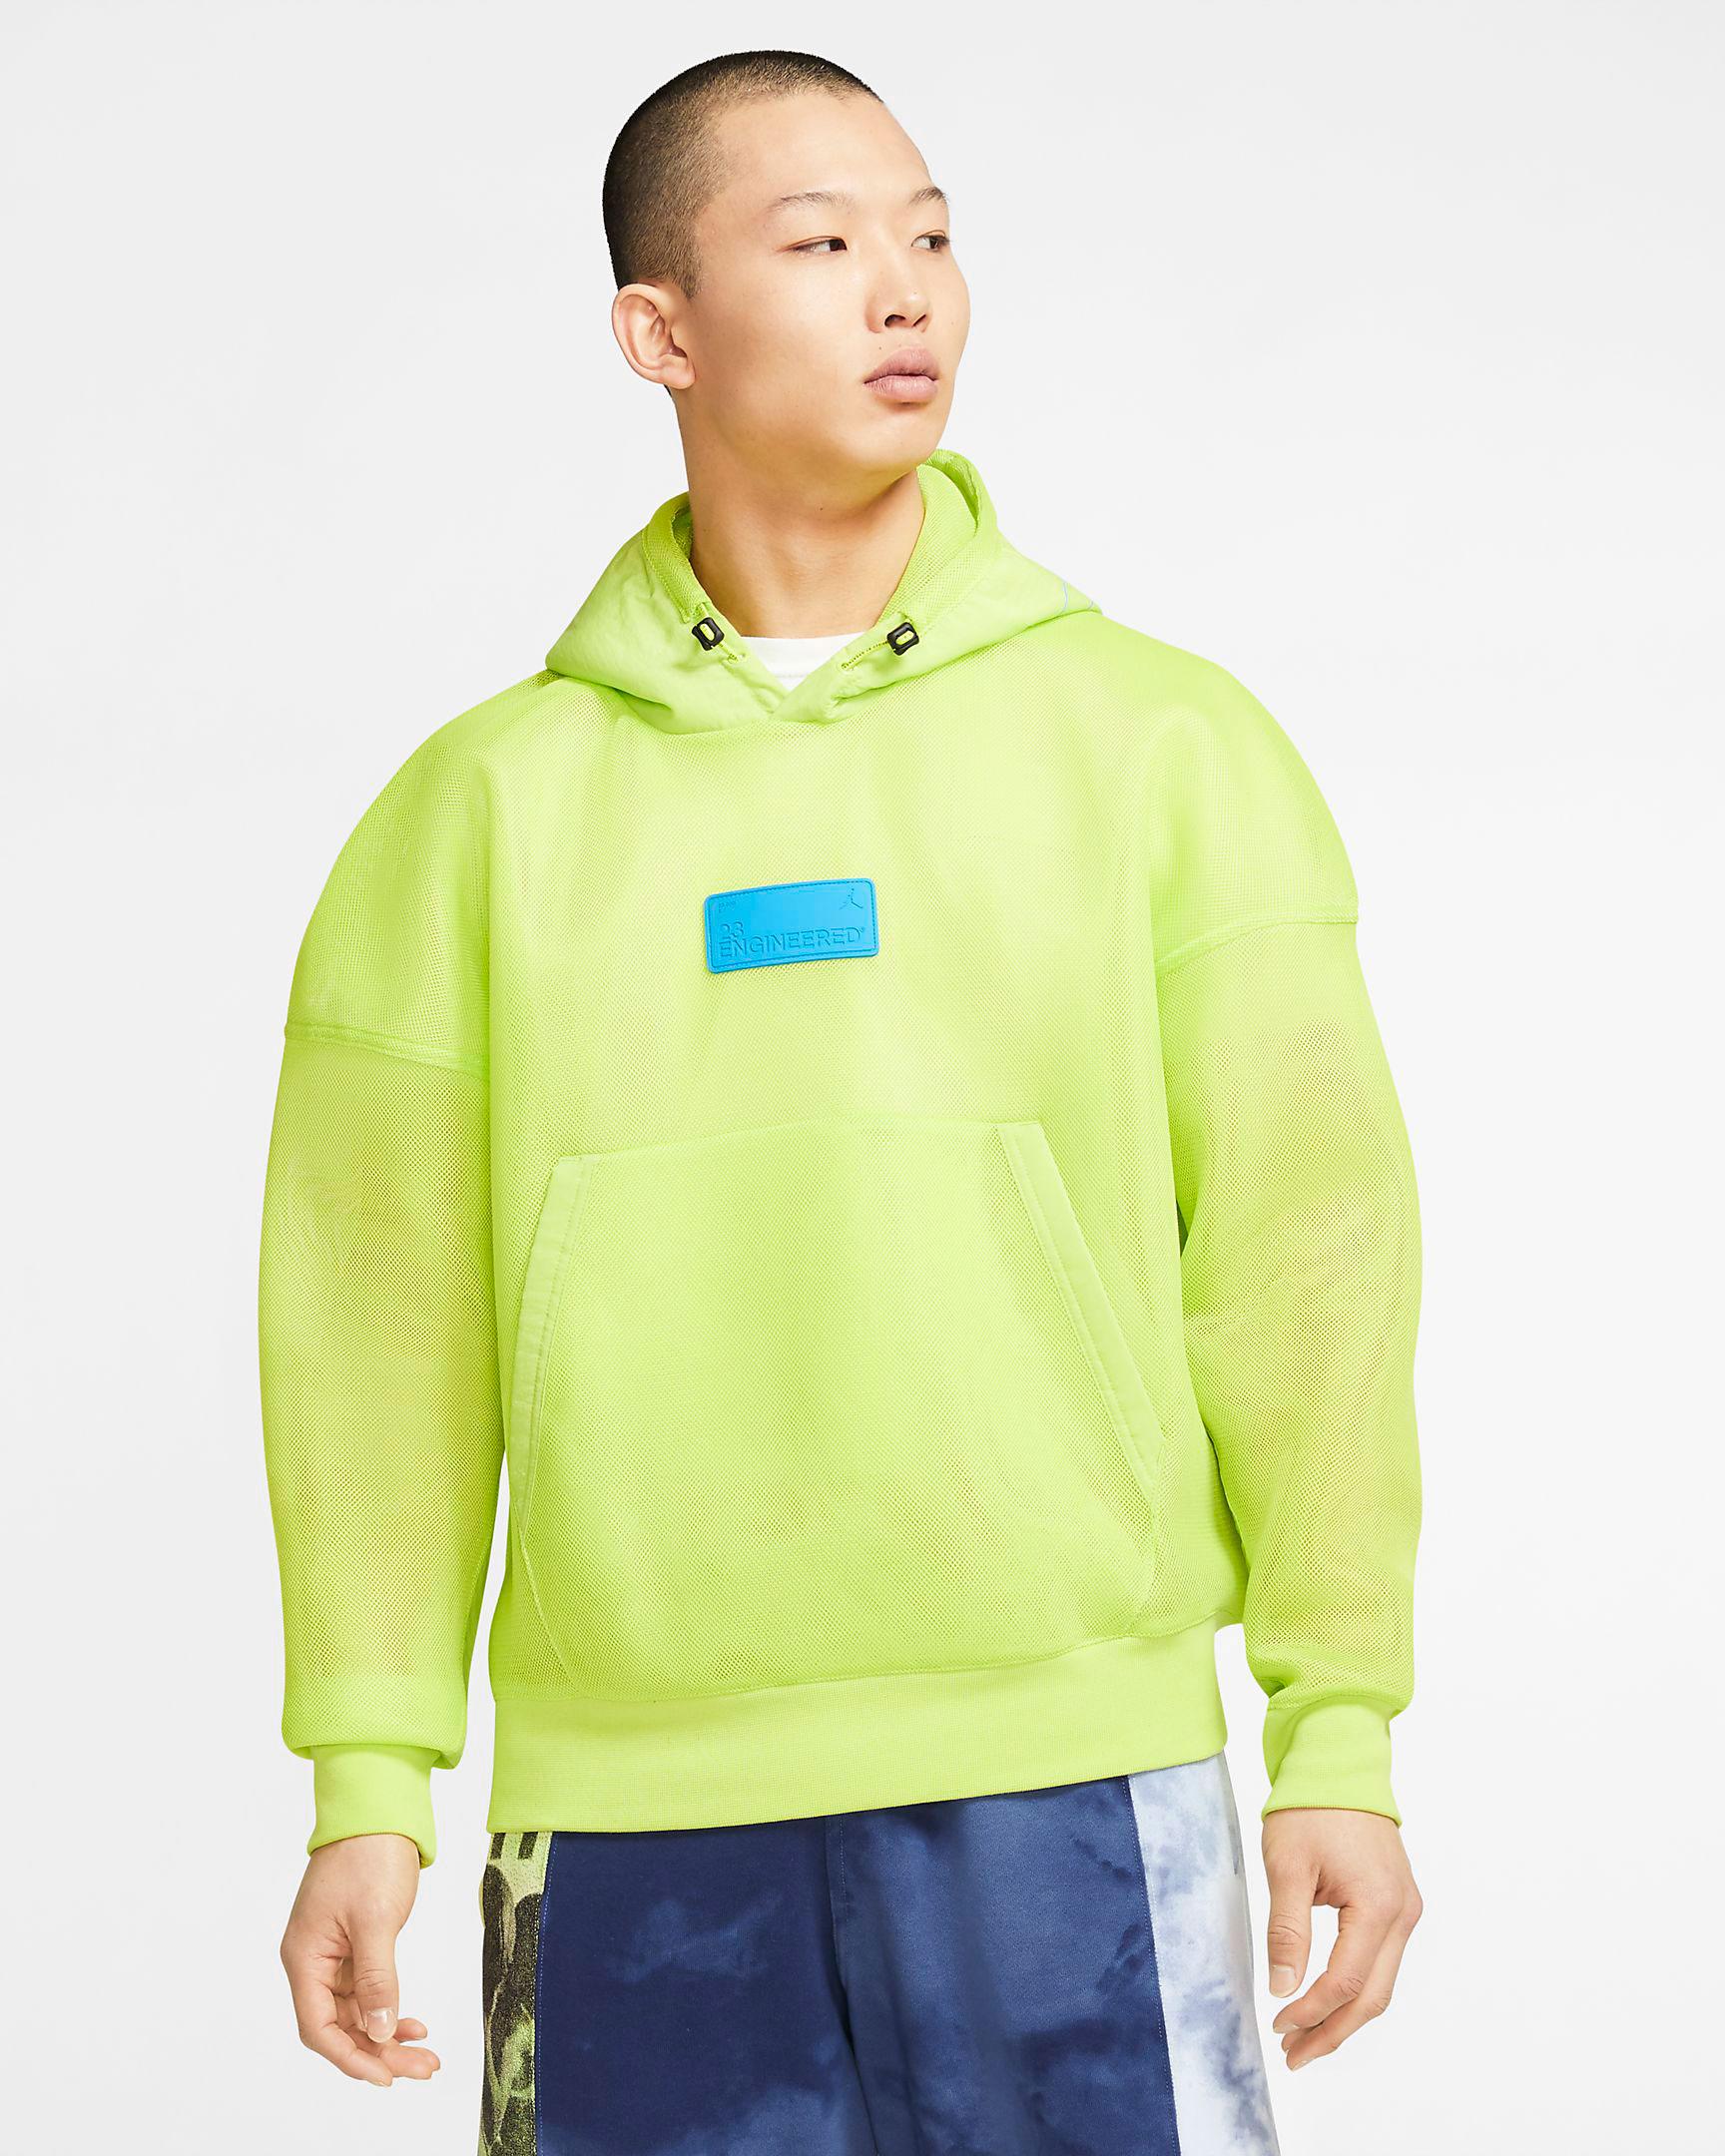 jordan-5-ghost-green-bel-air-hoodie-match-1